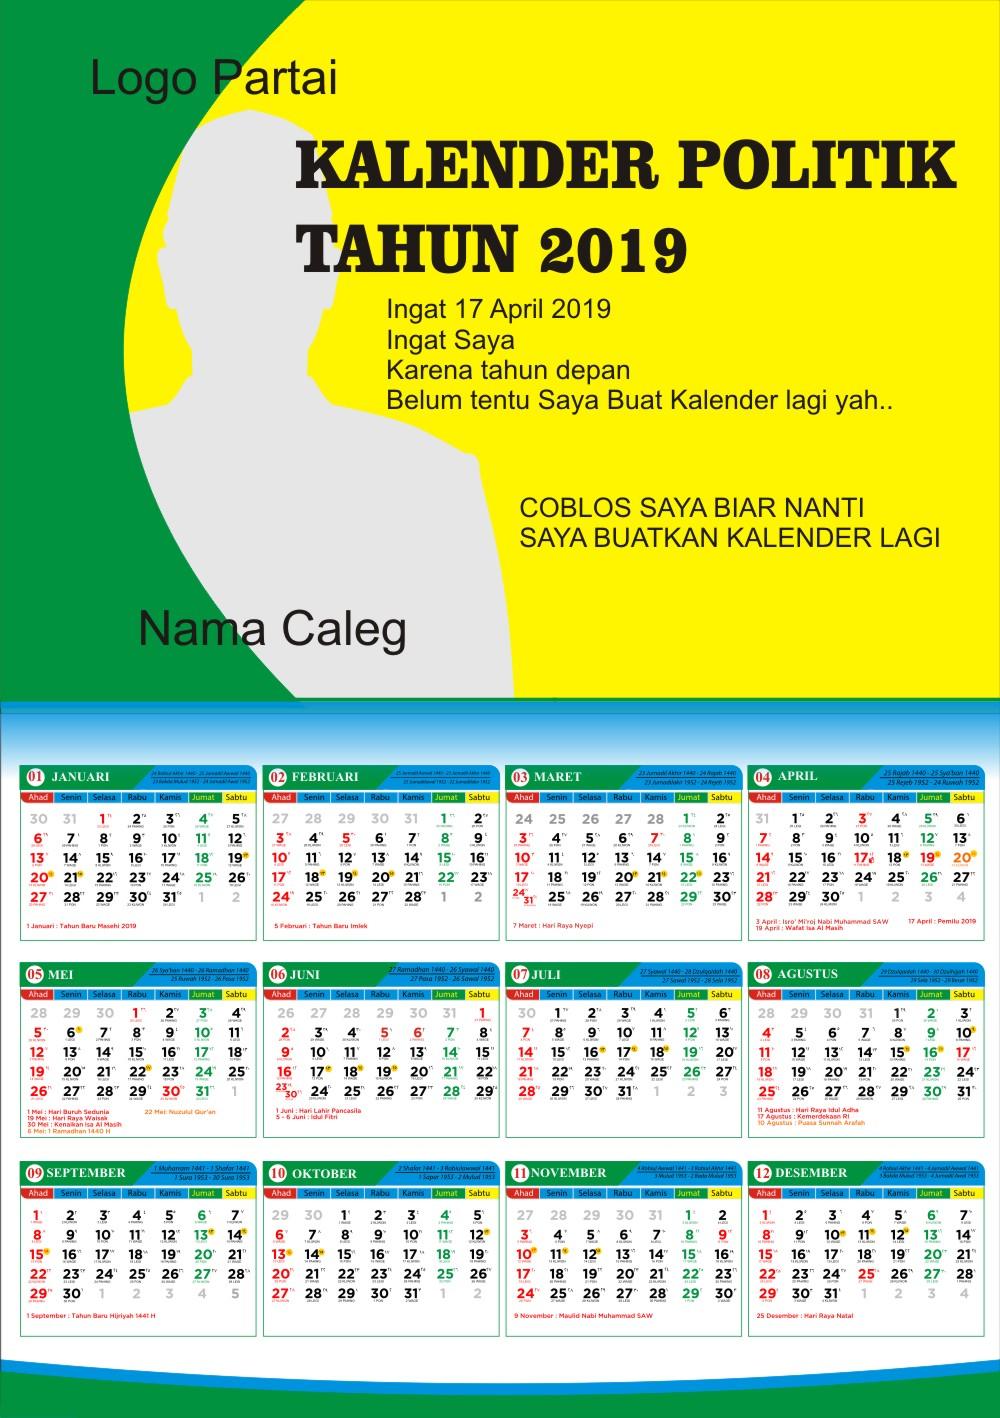 Download Template Kalender Caleg Cdr Karyaku